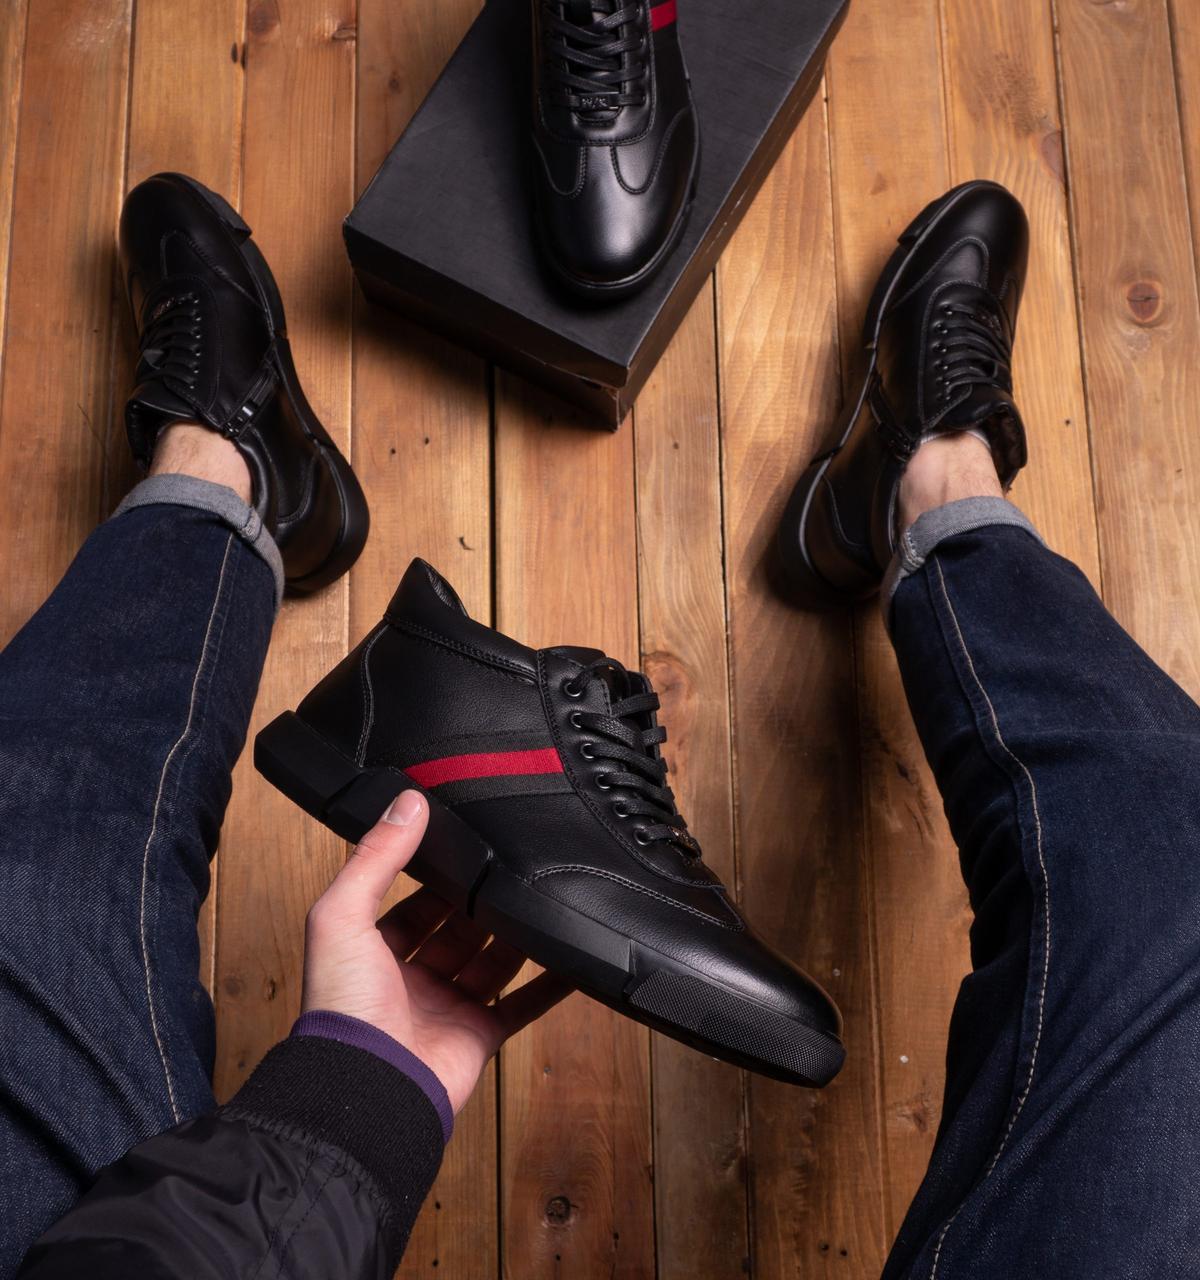 Мужские ботинки Калах 387 Pobedov (черные с красной полоской)